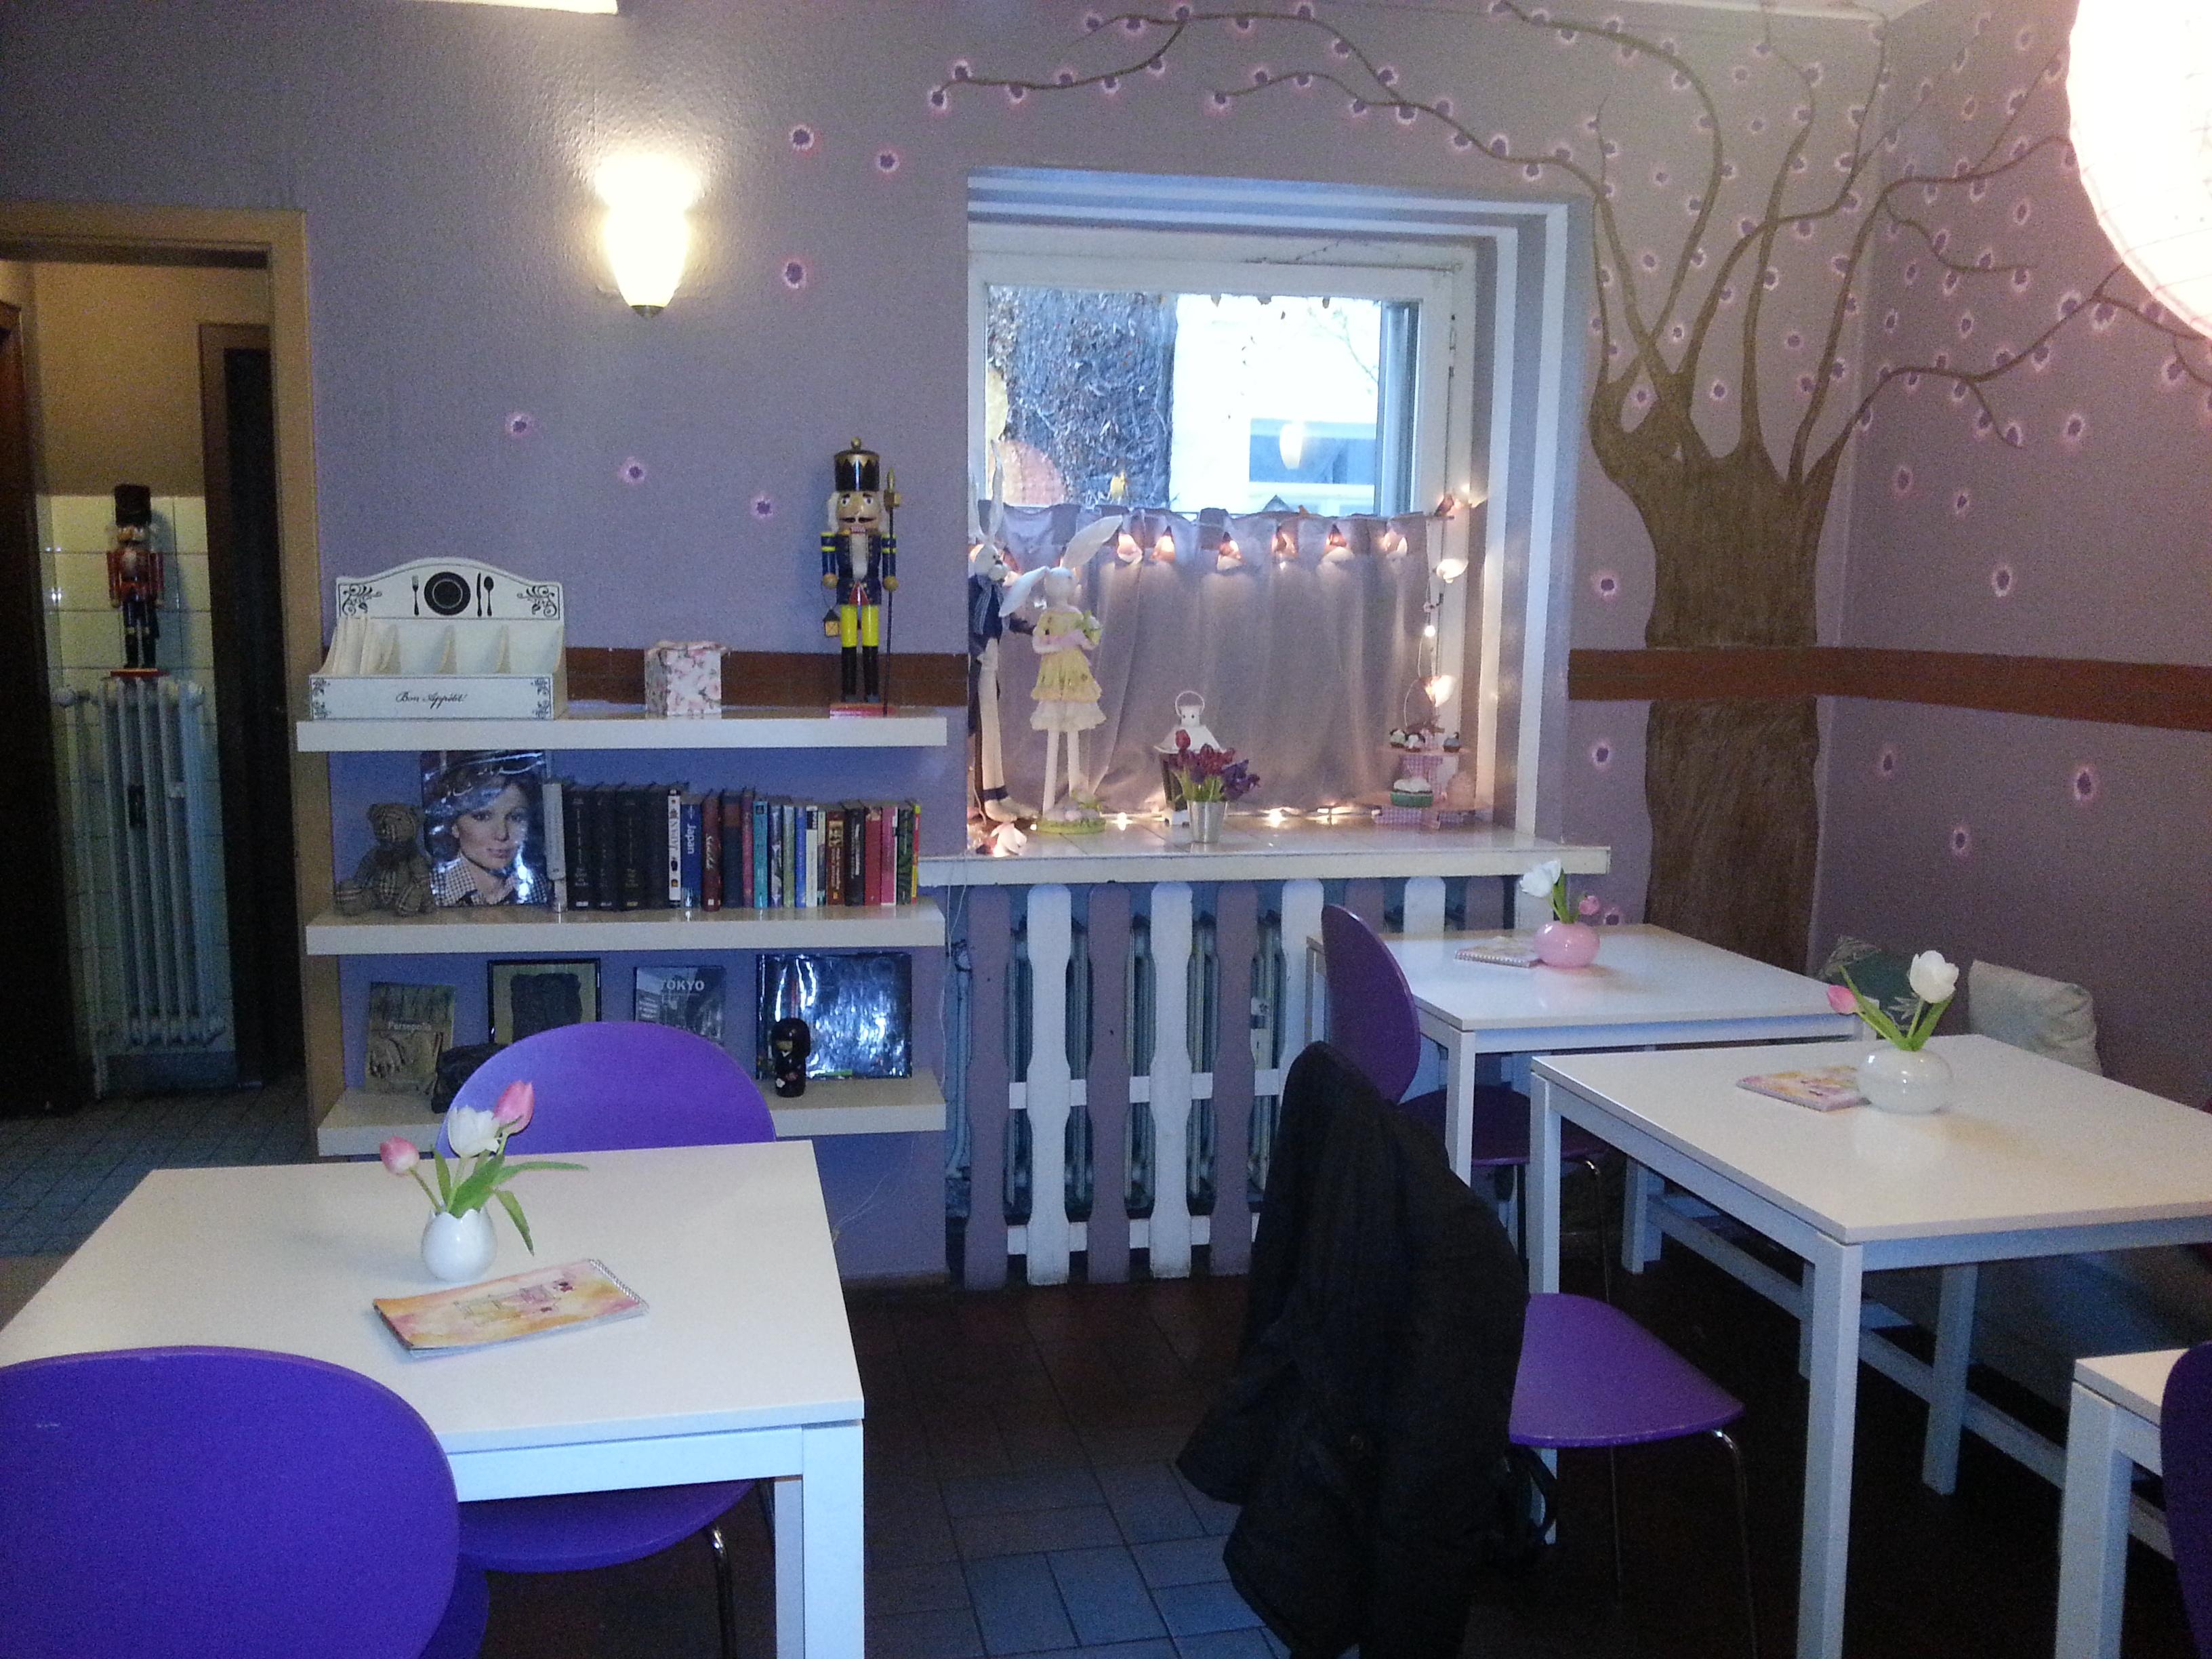 Tolle Innenraum Gestaltung Kaffeehaus Don Cafe Ideen - Heimat Ideen ...